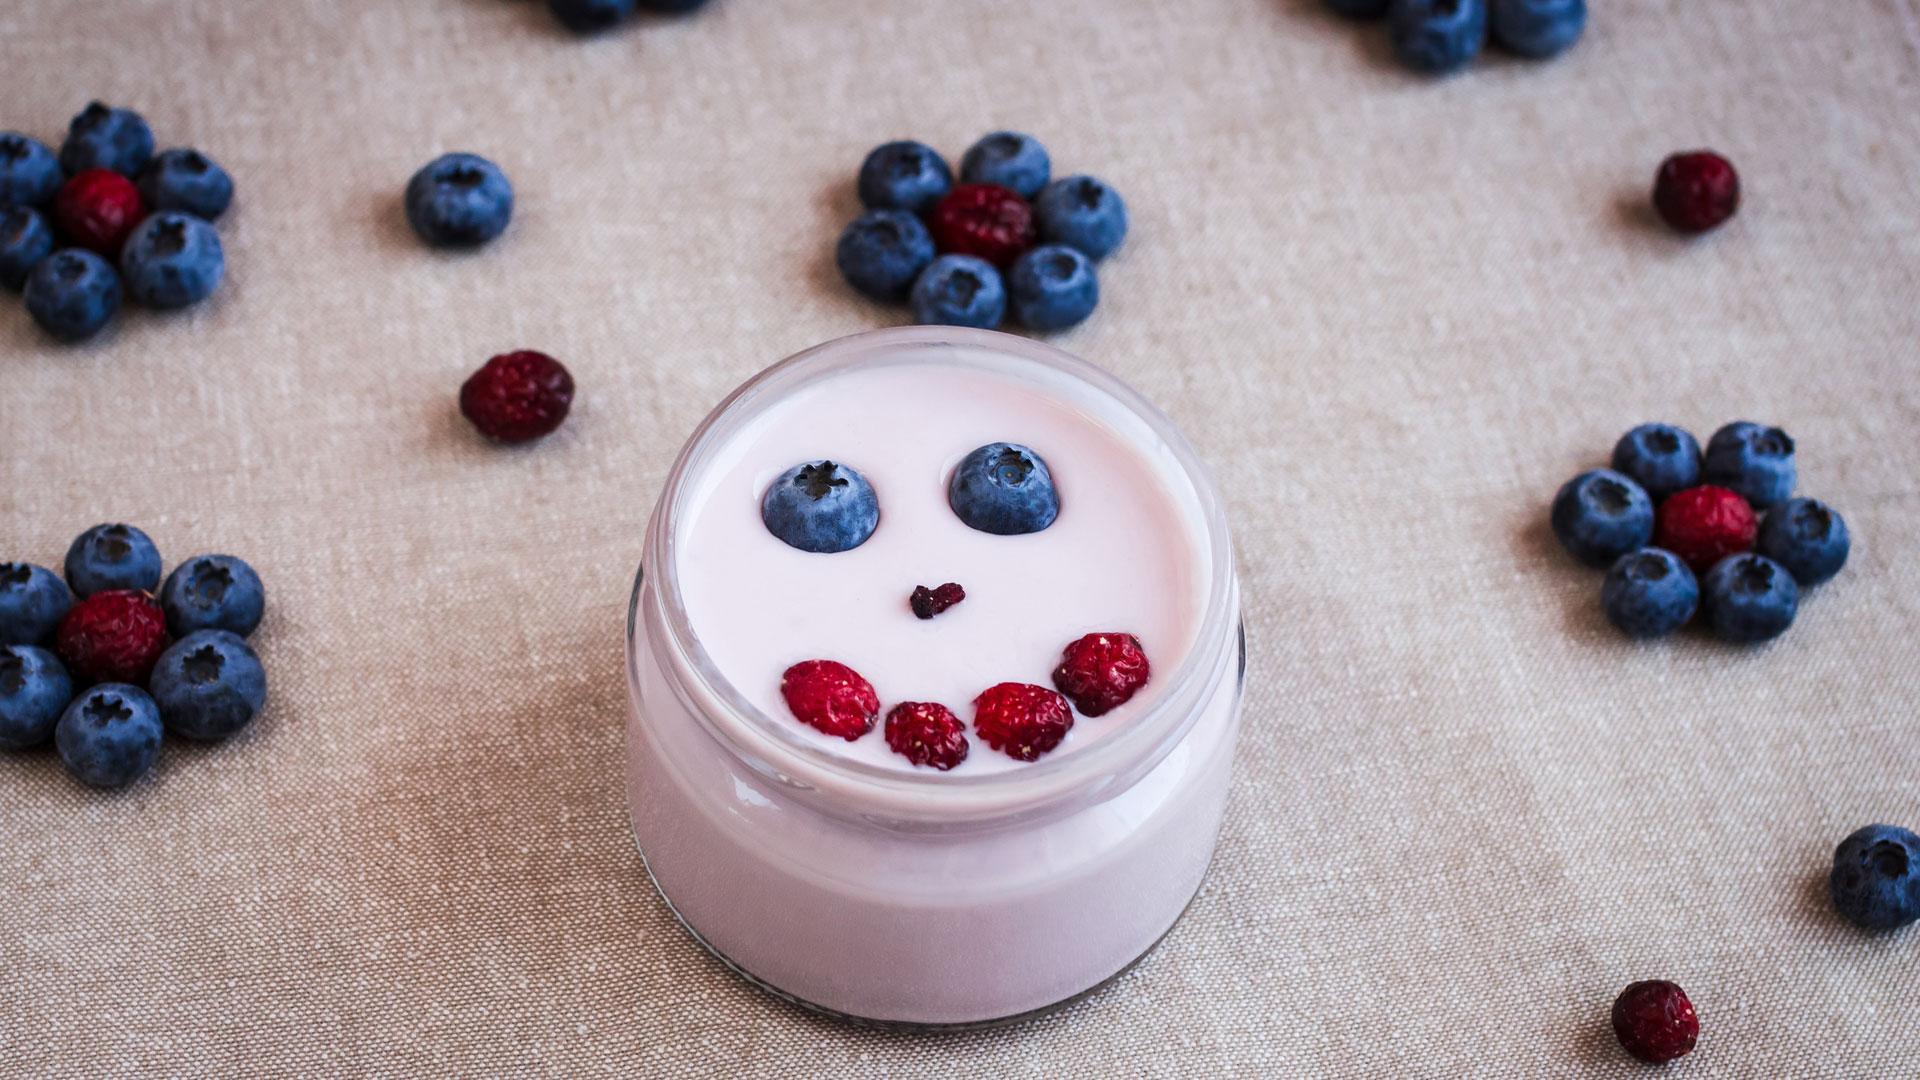 Los probióticos contribuyen a digerir a los alimentos y estimulan el sistema inmune (iStock)